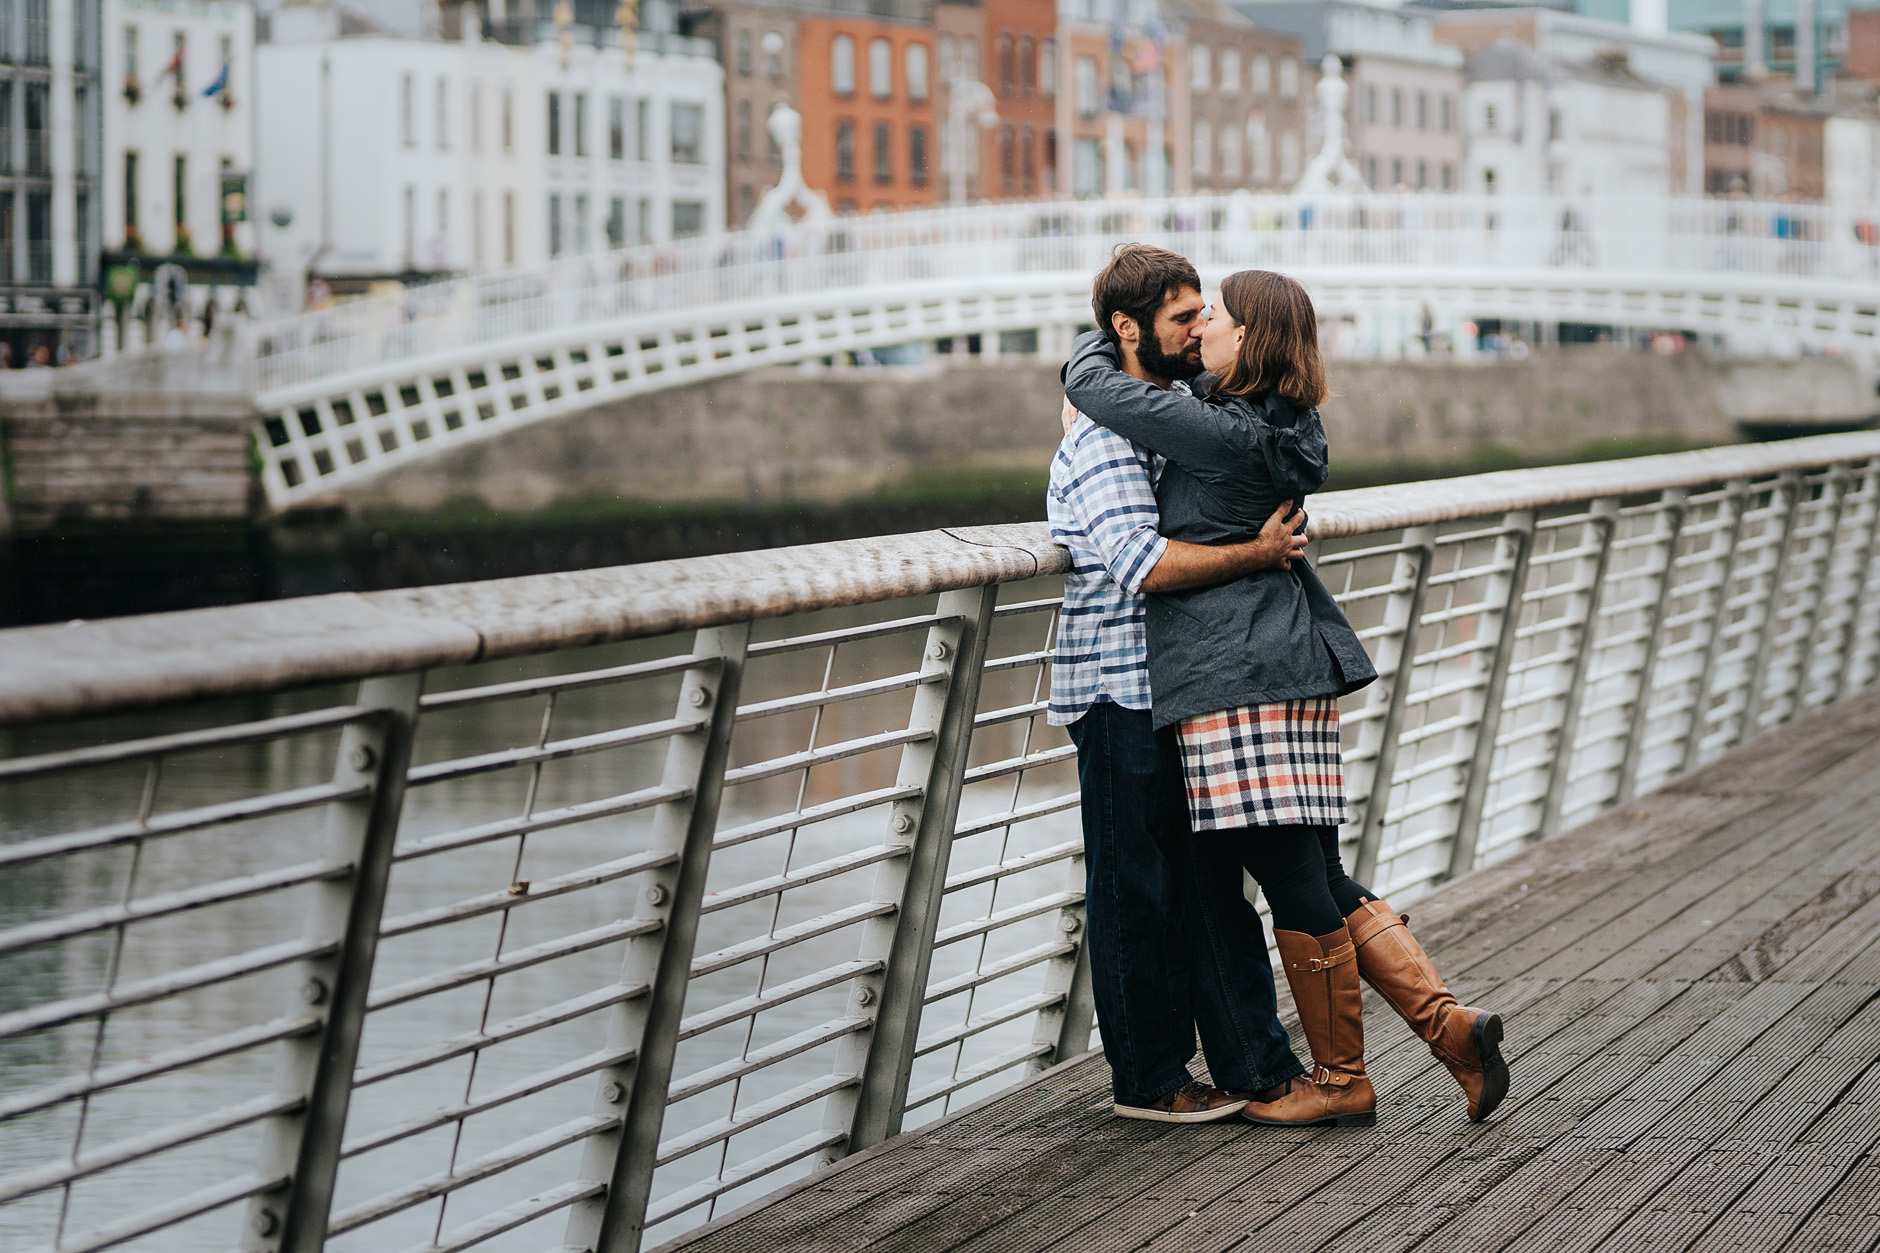 on-location-couple-vacation-photographer-dublin-city-0002.jpg